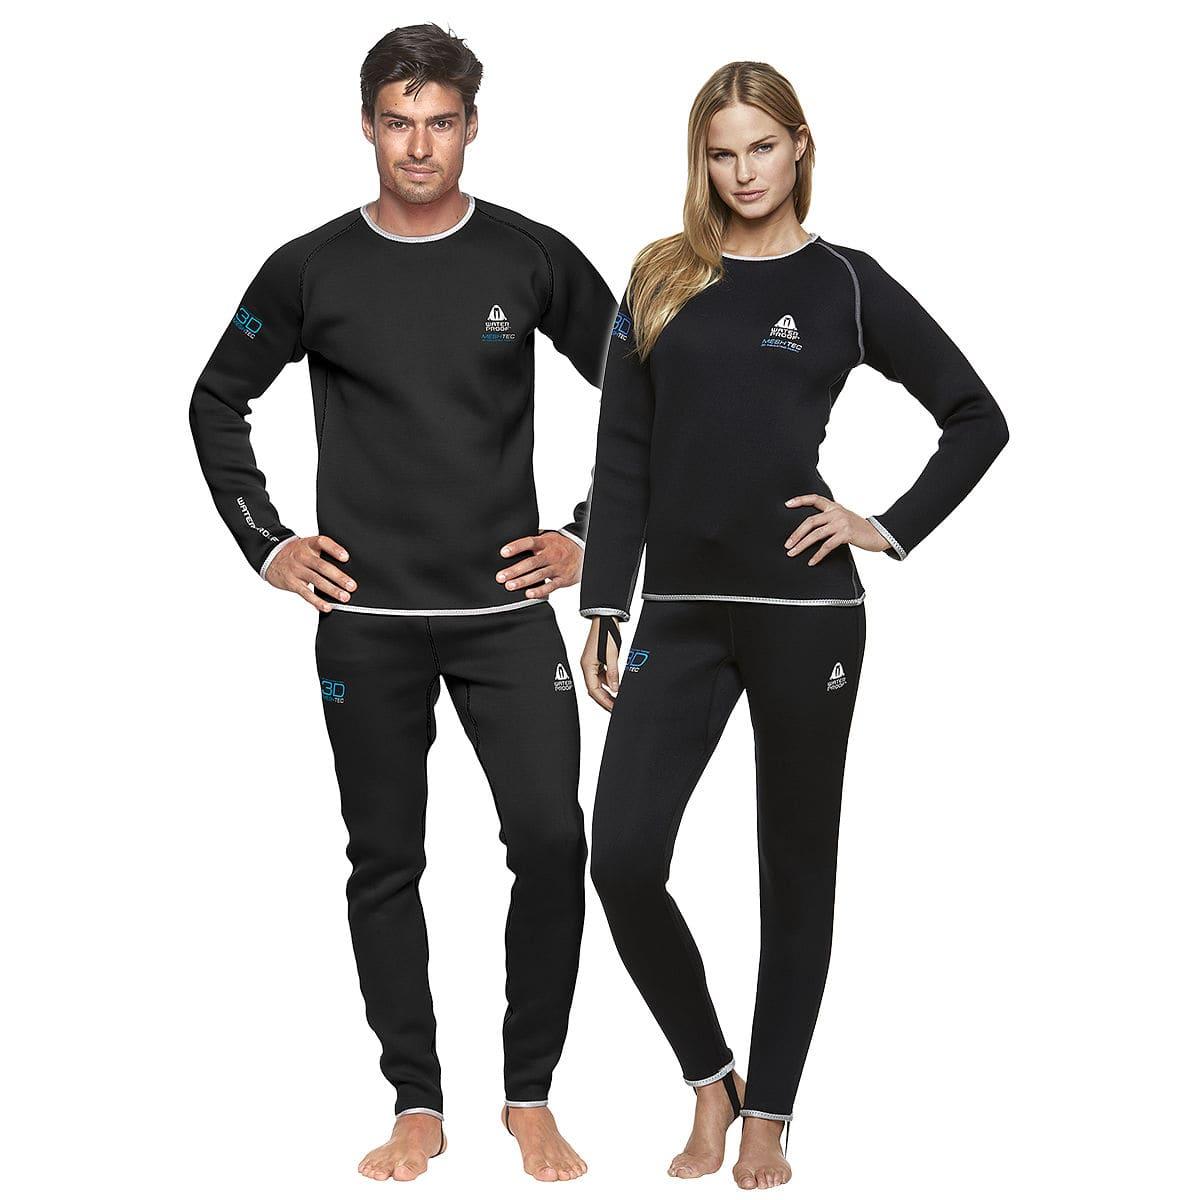 40bd1b9405e Pantalon sous-vêtement pour homme   pour femme - MESHTEC ...